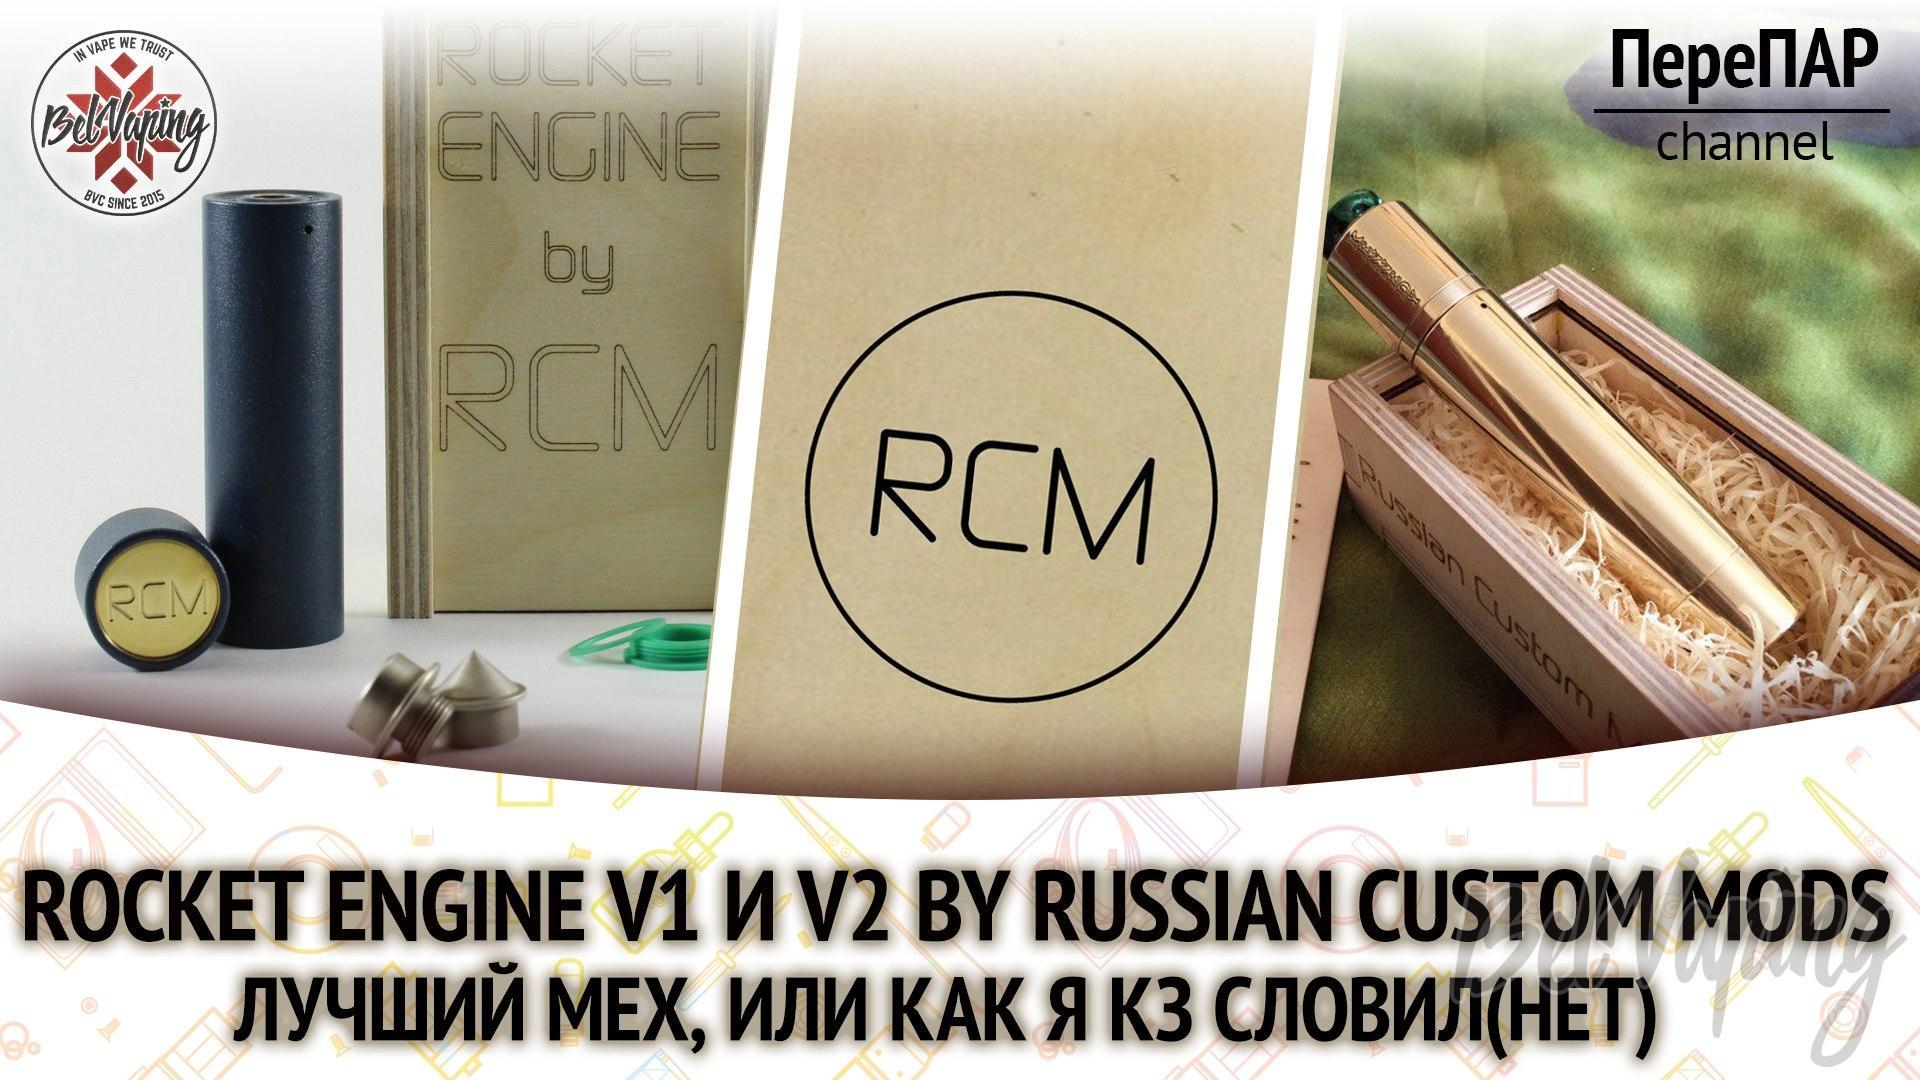 Обзор мехмодов Rocket Engine V1 и V2 от компании Russian Custom Mods